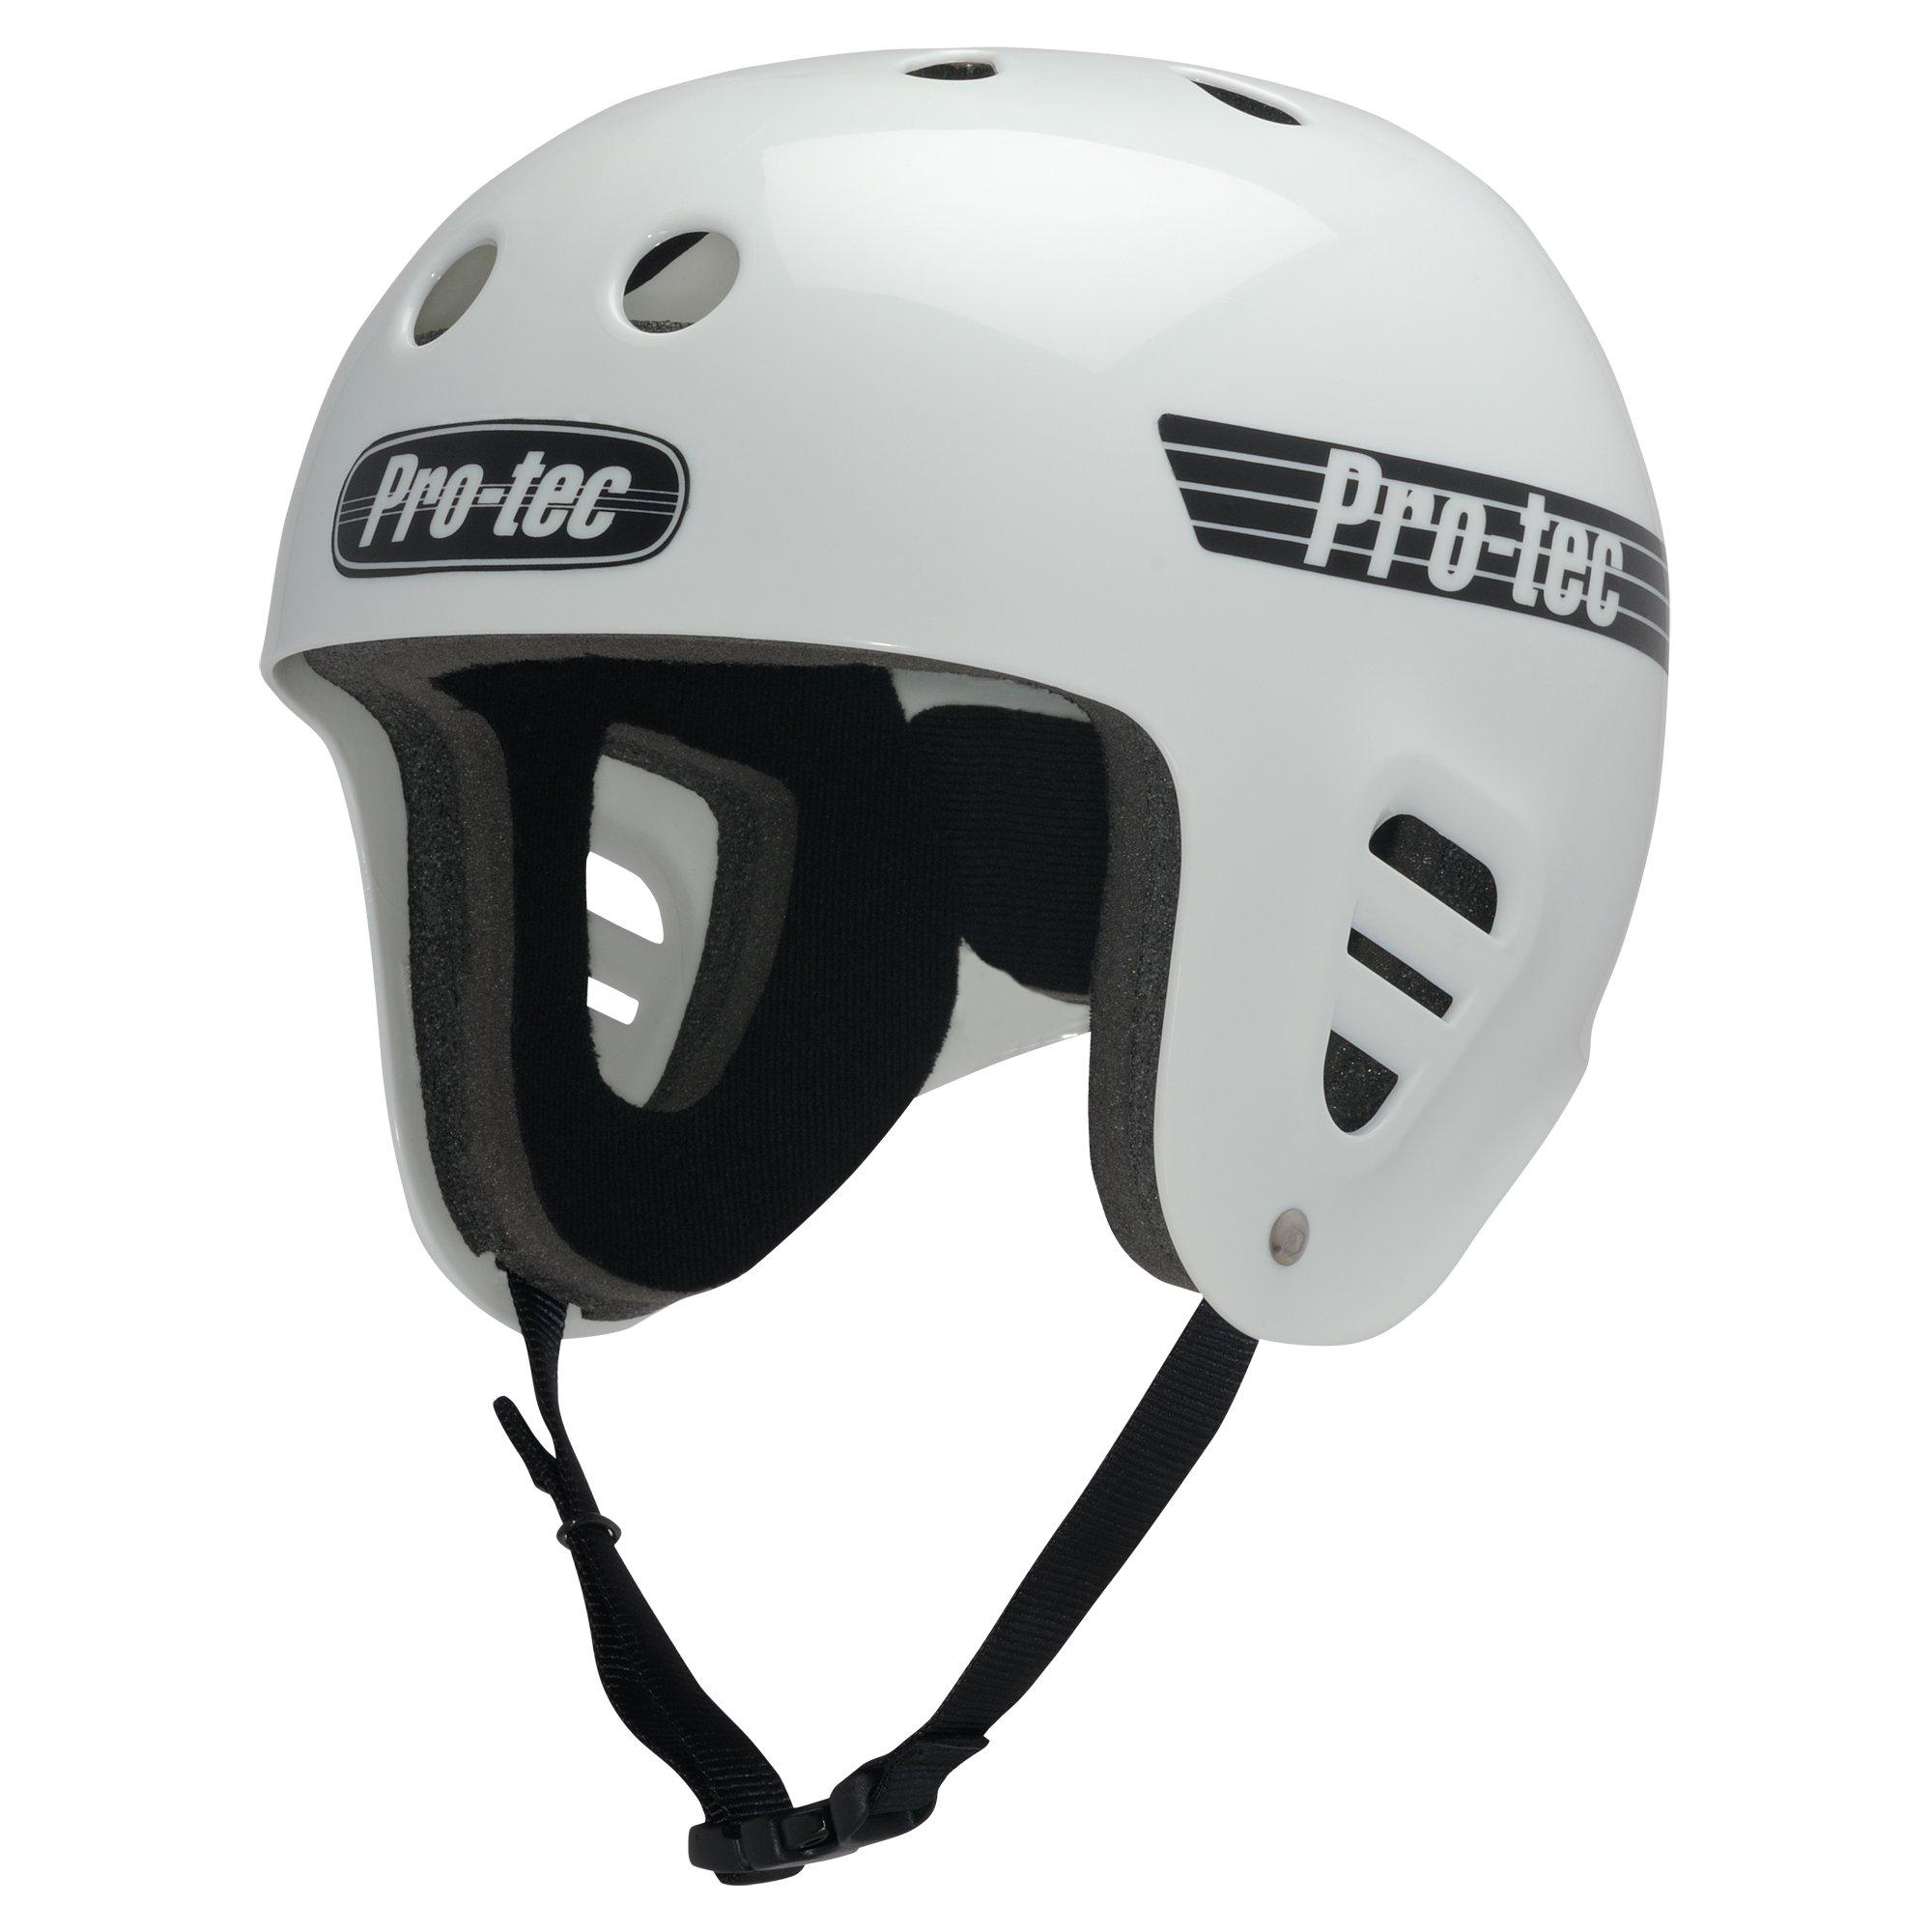 Pro-Tec Full Cut Skate, Gloss White, S